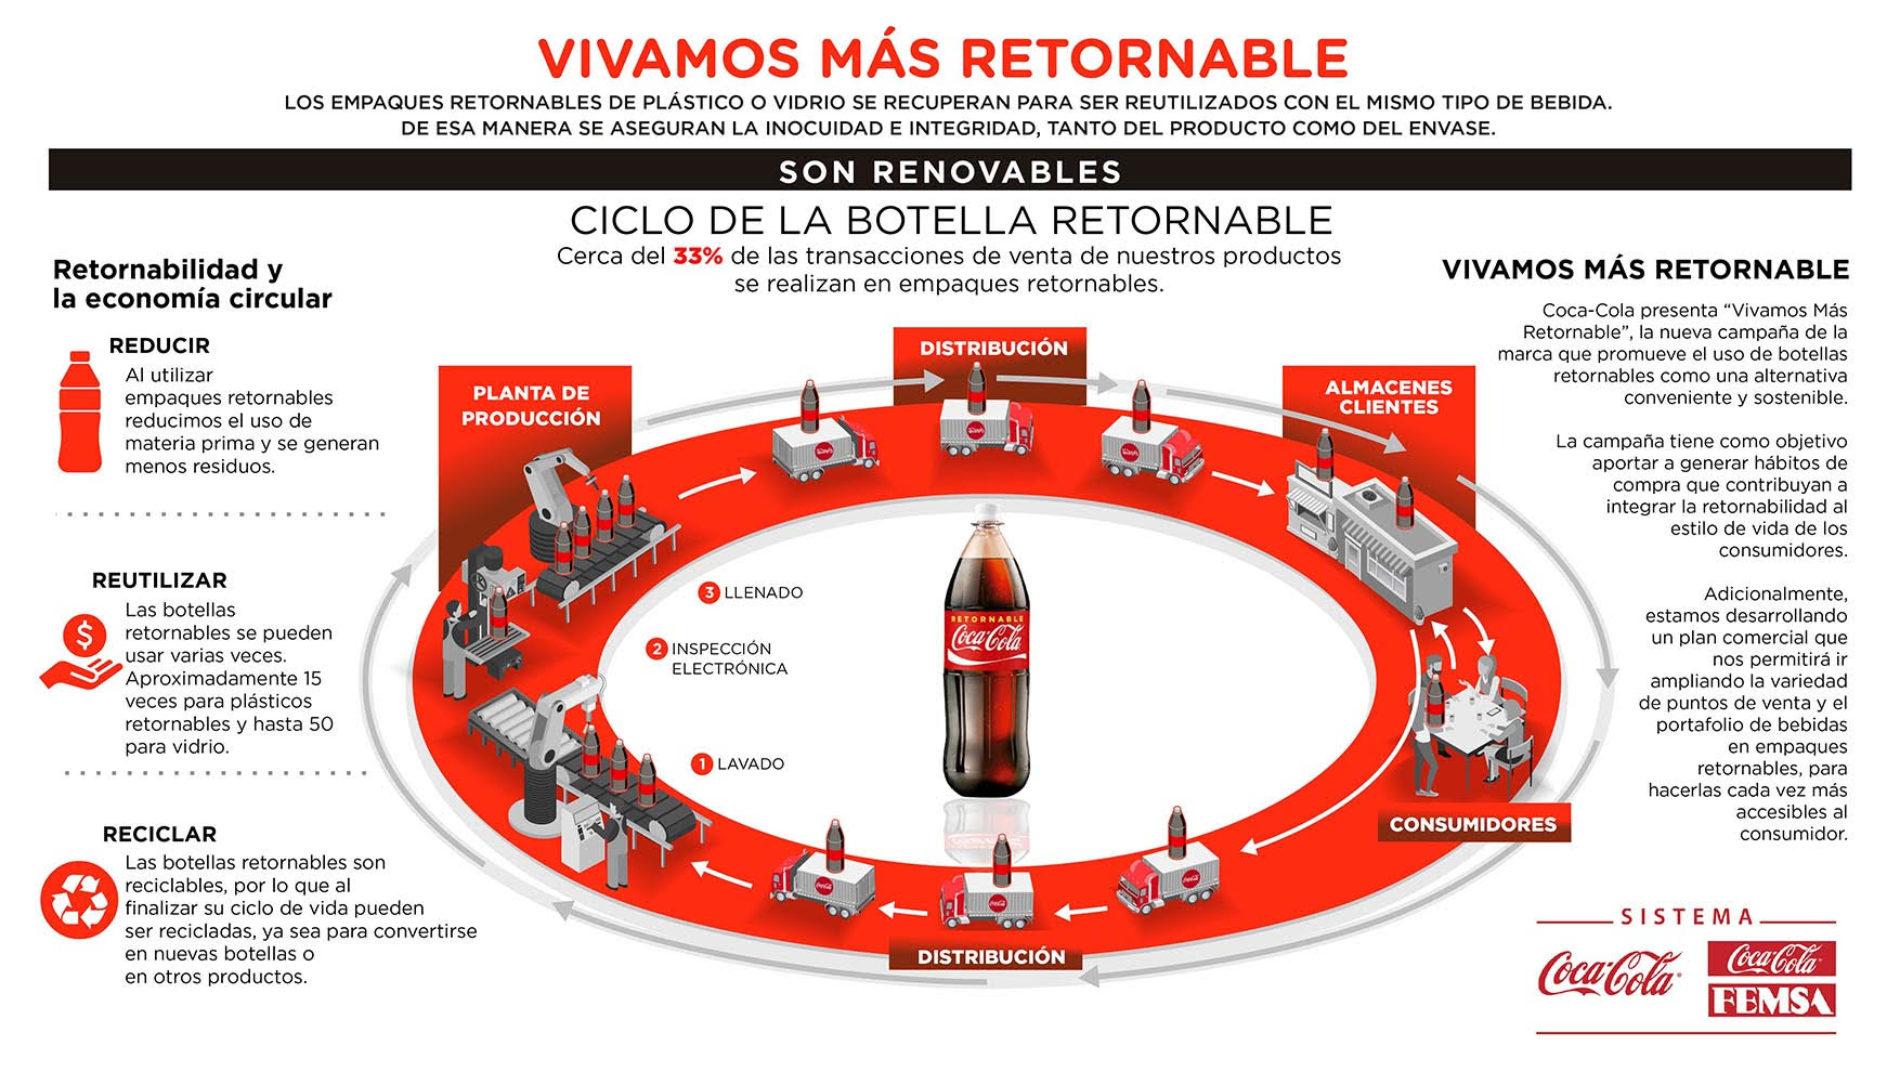 Volver a los retornables, la apuesta de Coca-Cola